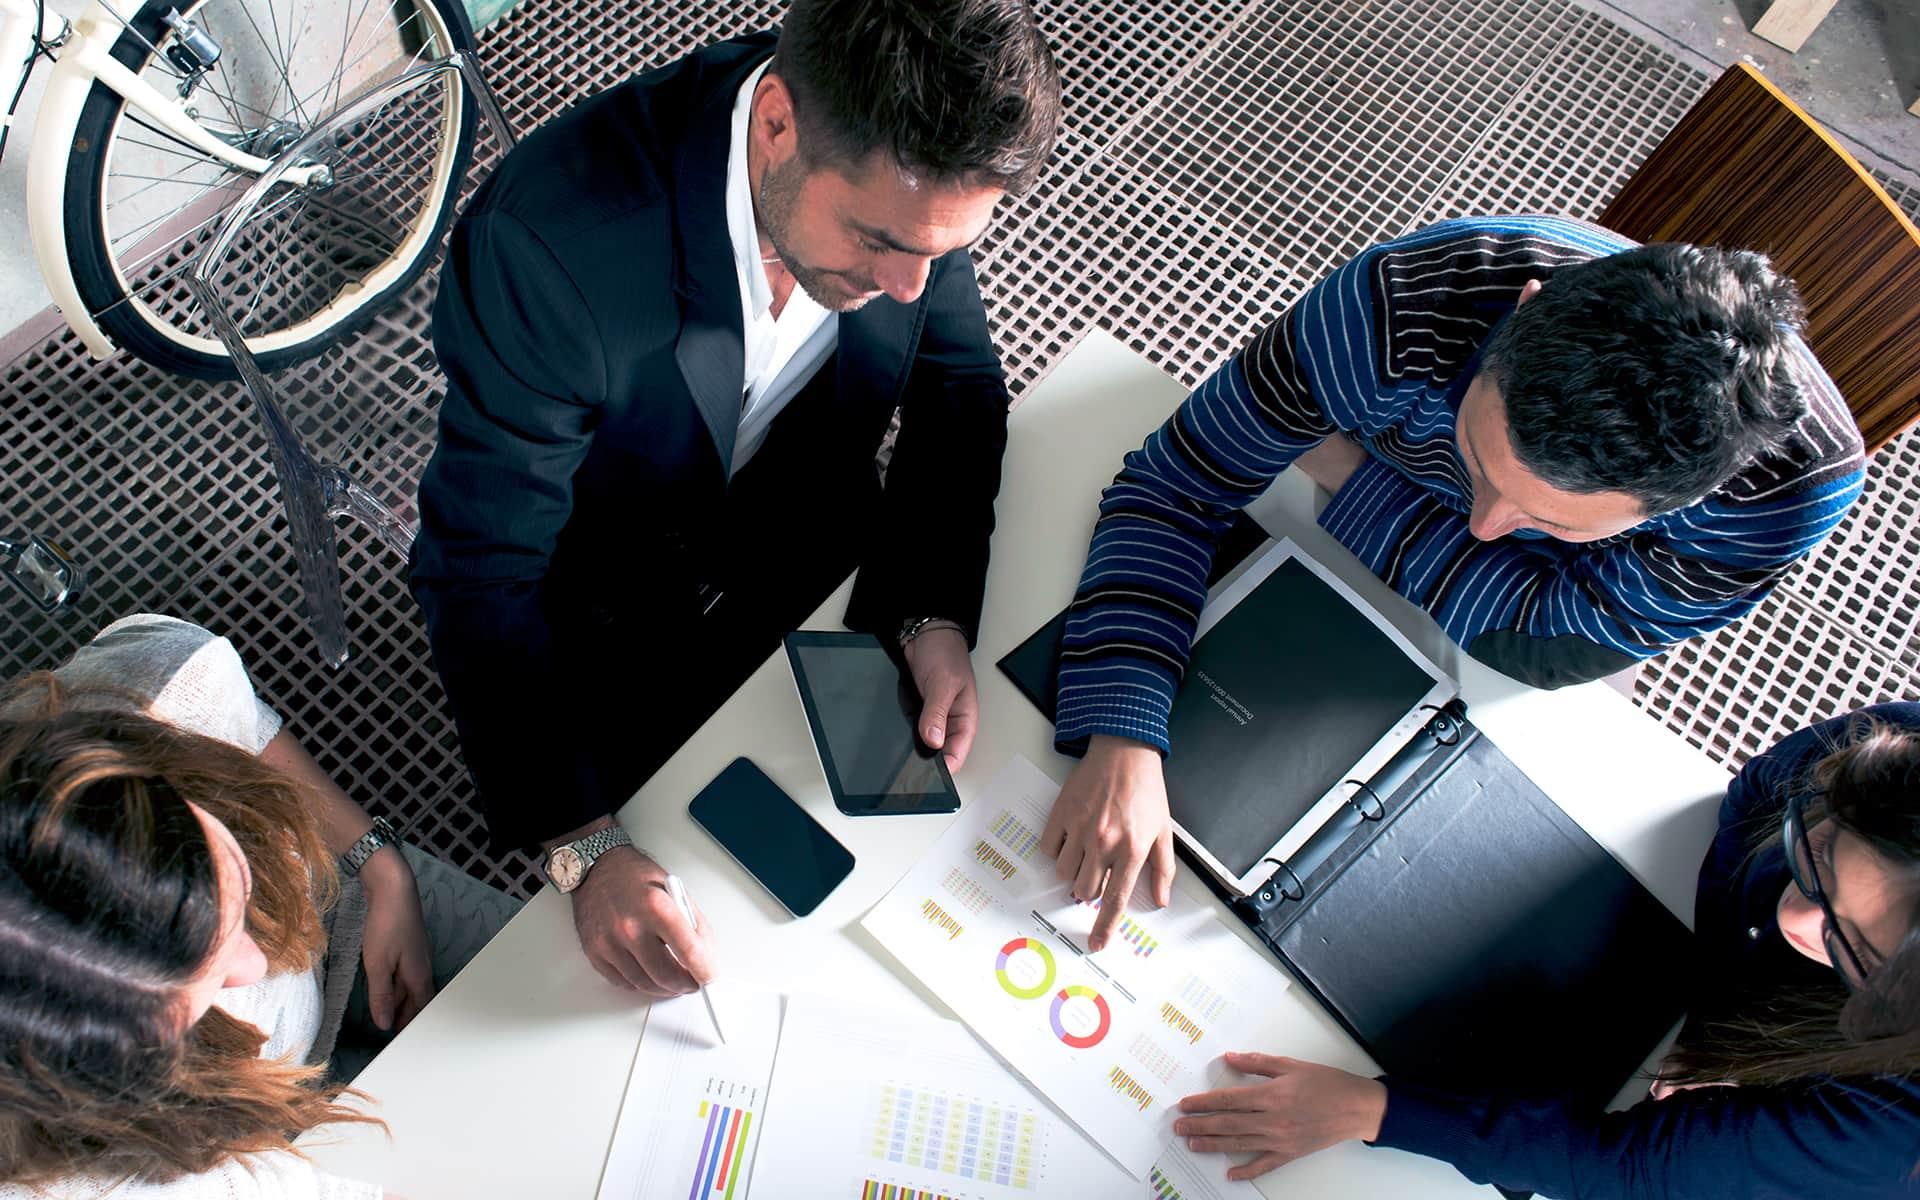 Dokument vom Prozessmodell wird den Kollegen vermittelt